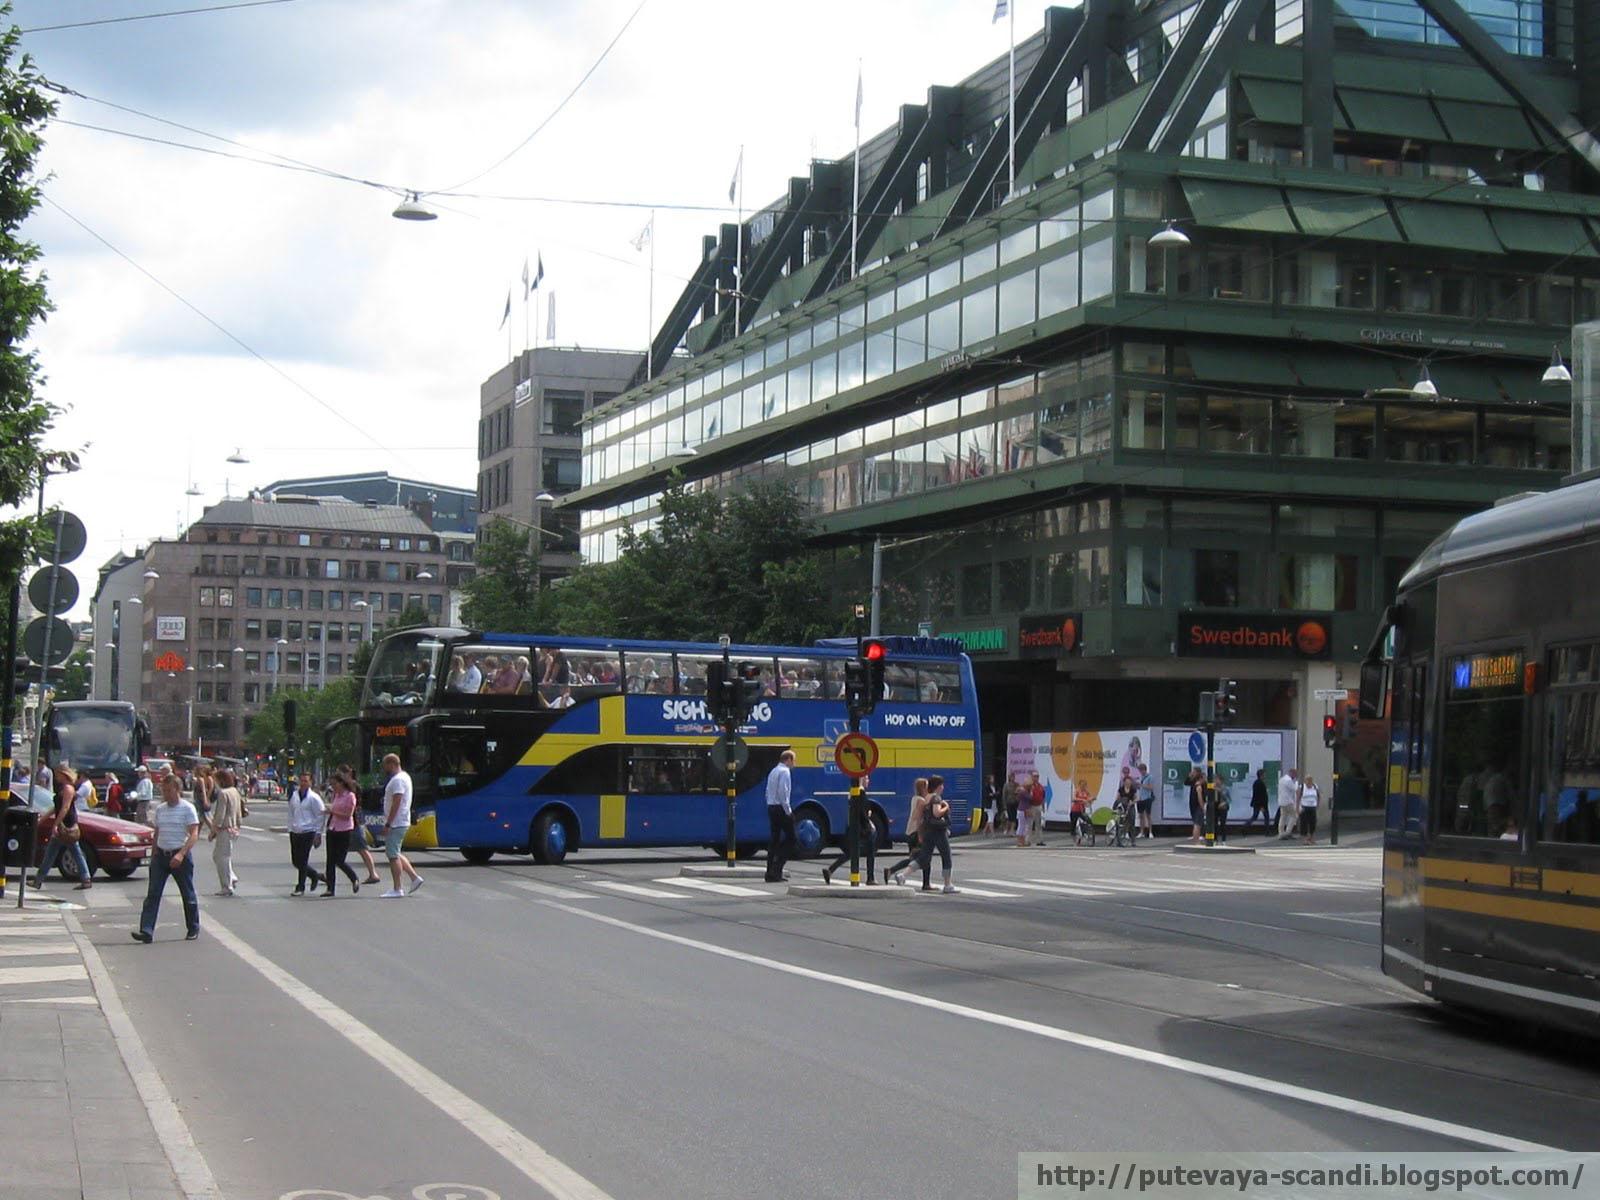 экскурсионный bus